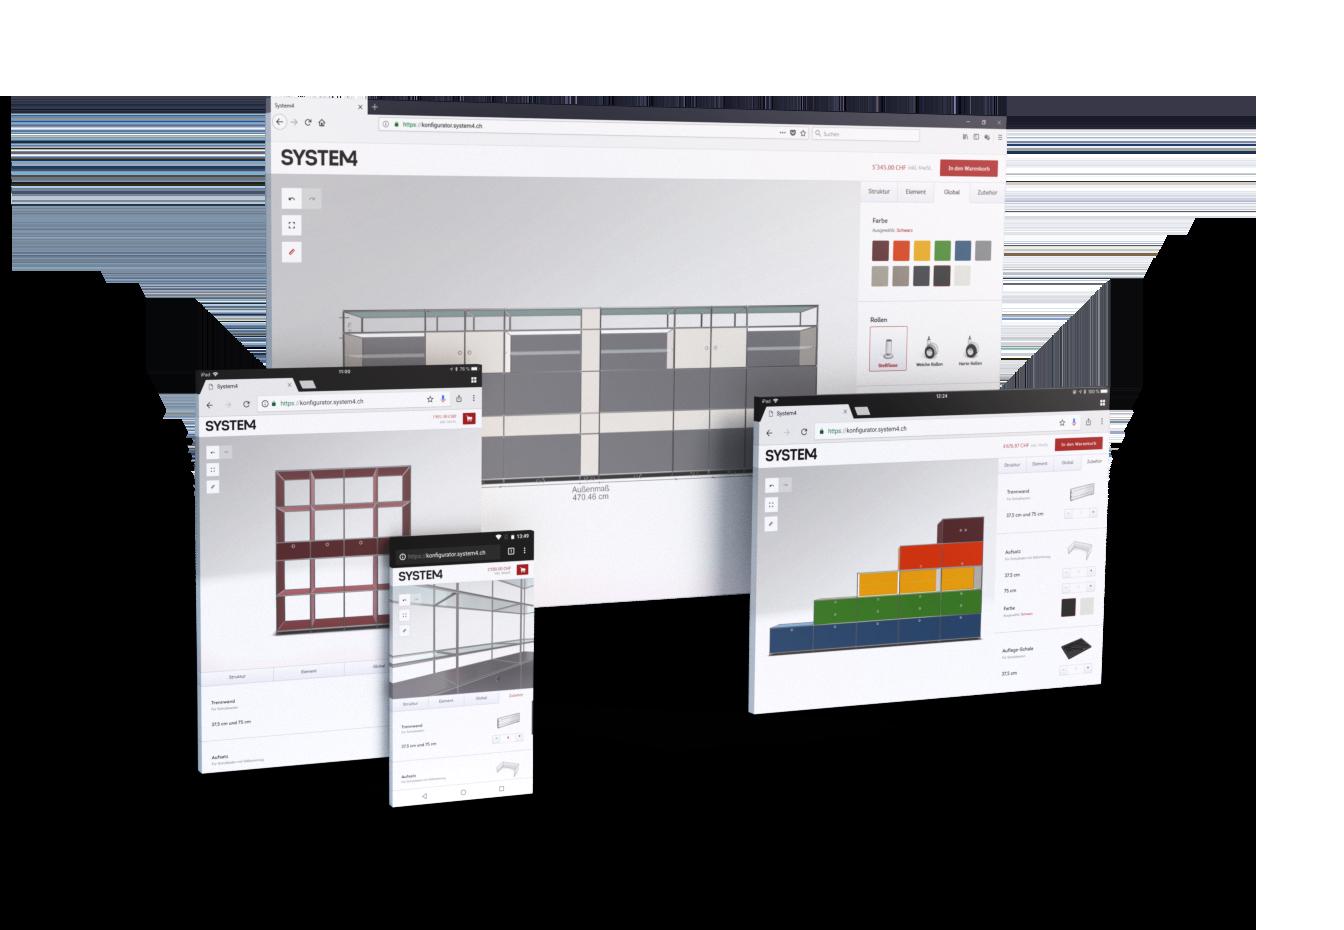 WebGL 3D Configurator - System4 Furniture Configurator